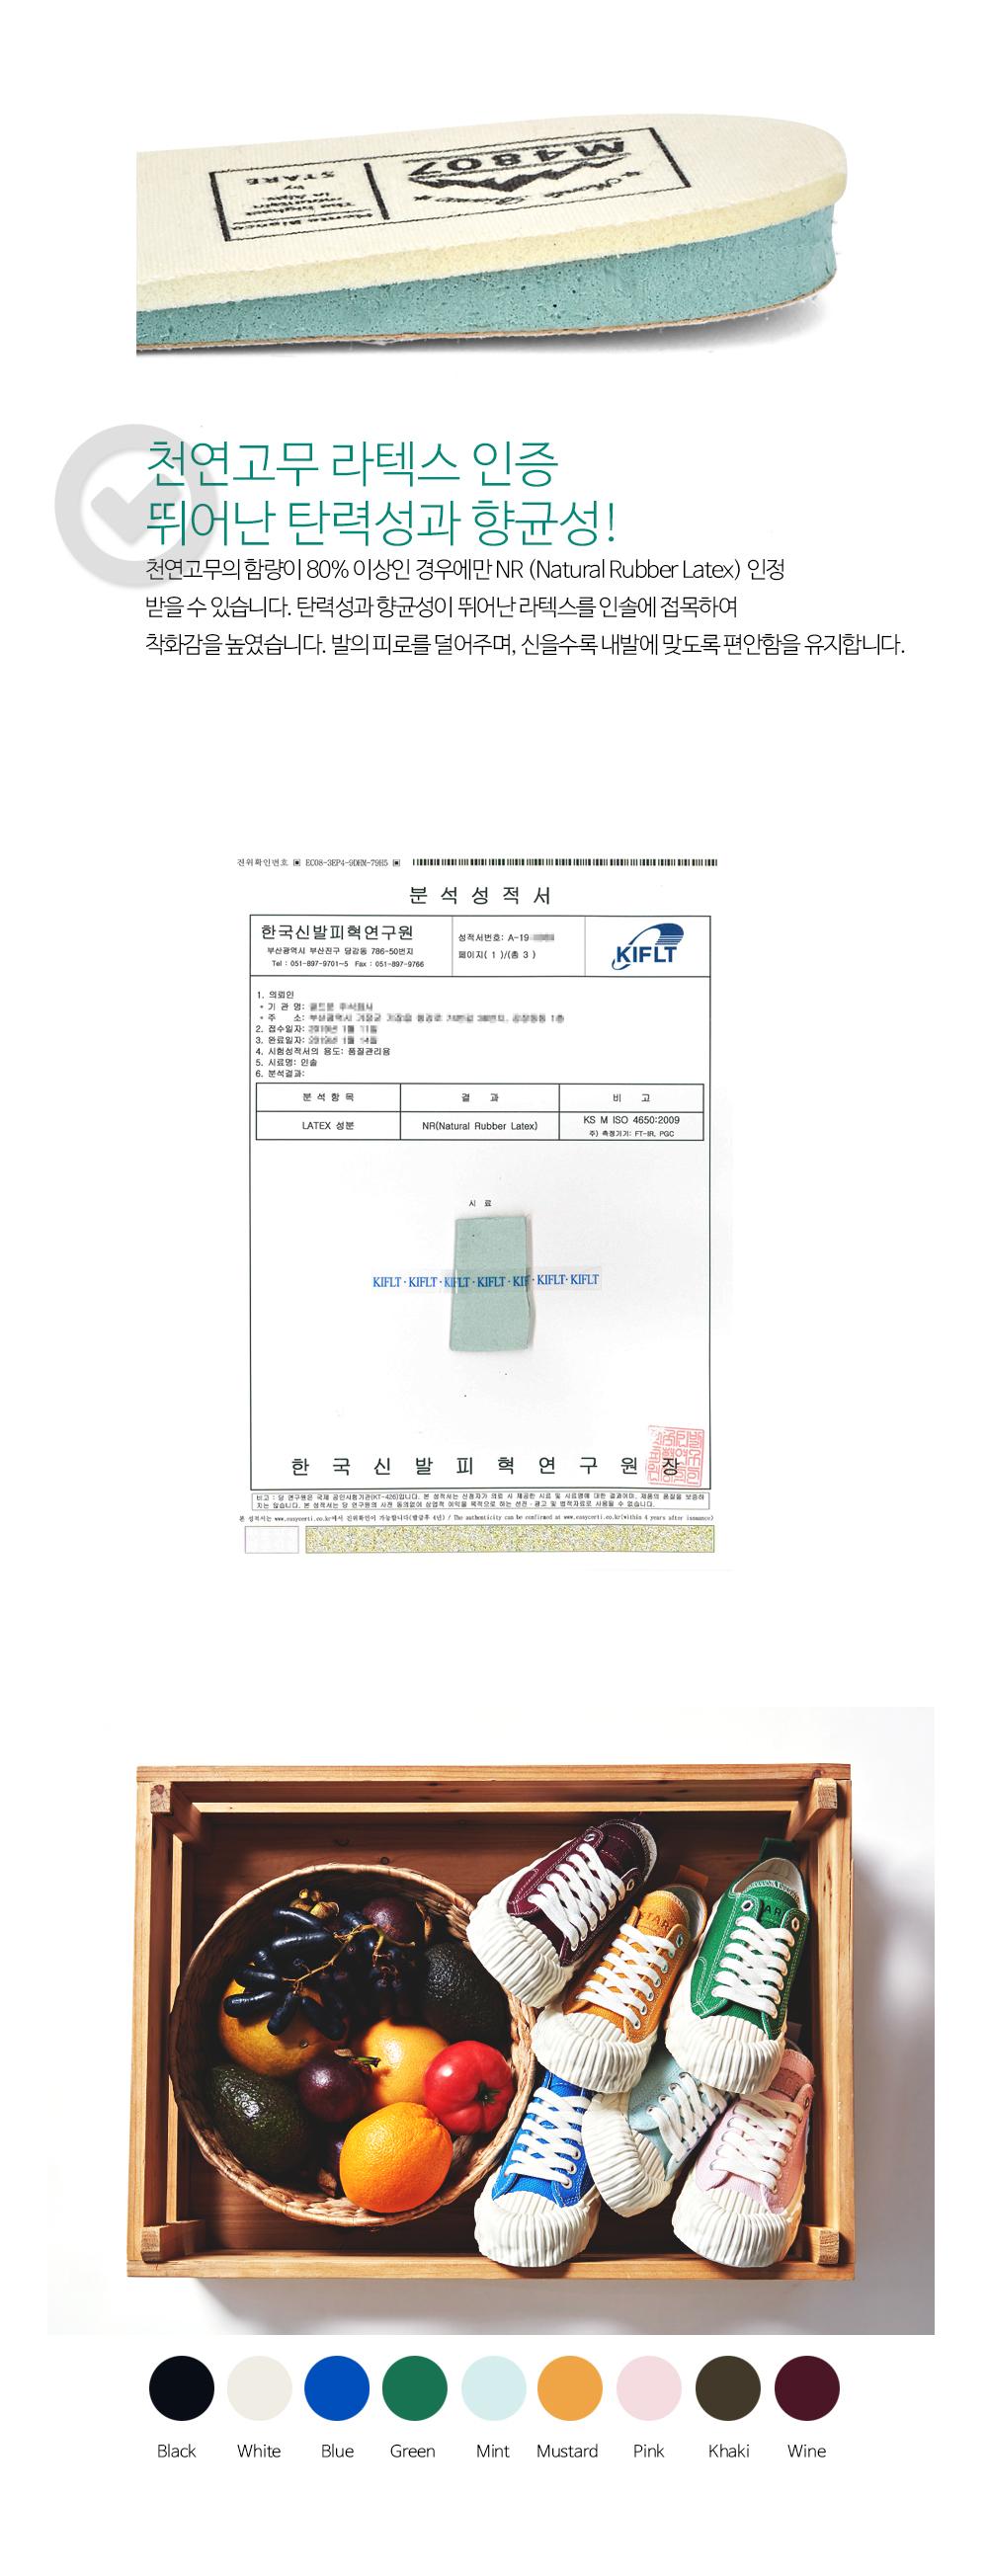 스테어(STARE) 남여공용 M4807 오리지널 캔버스 스니커즈_STU91LO002RB